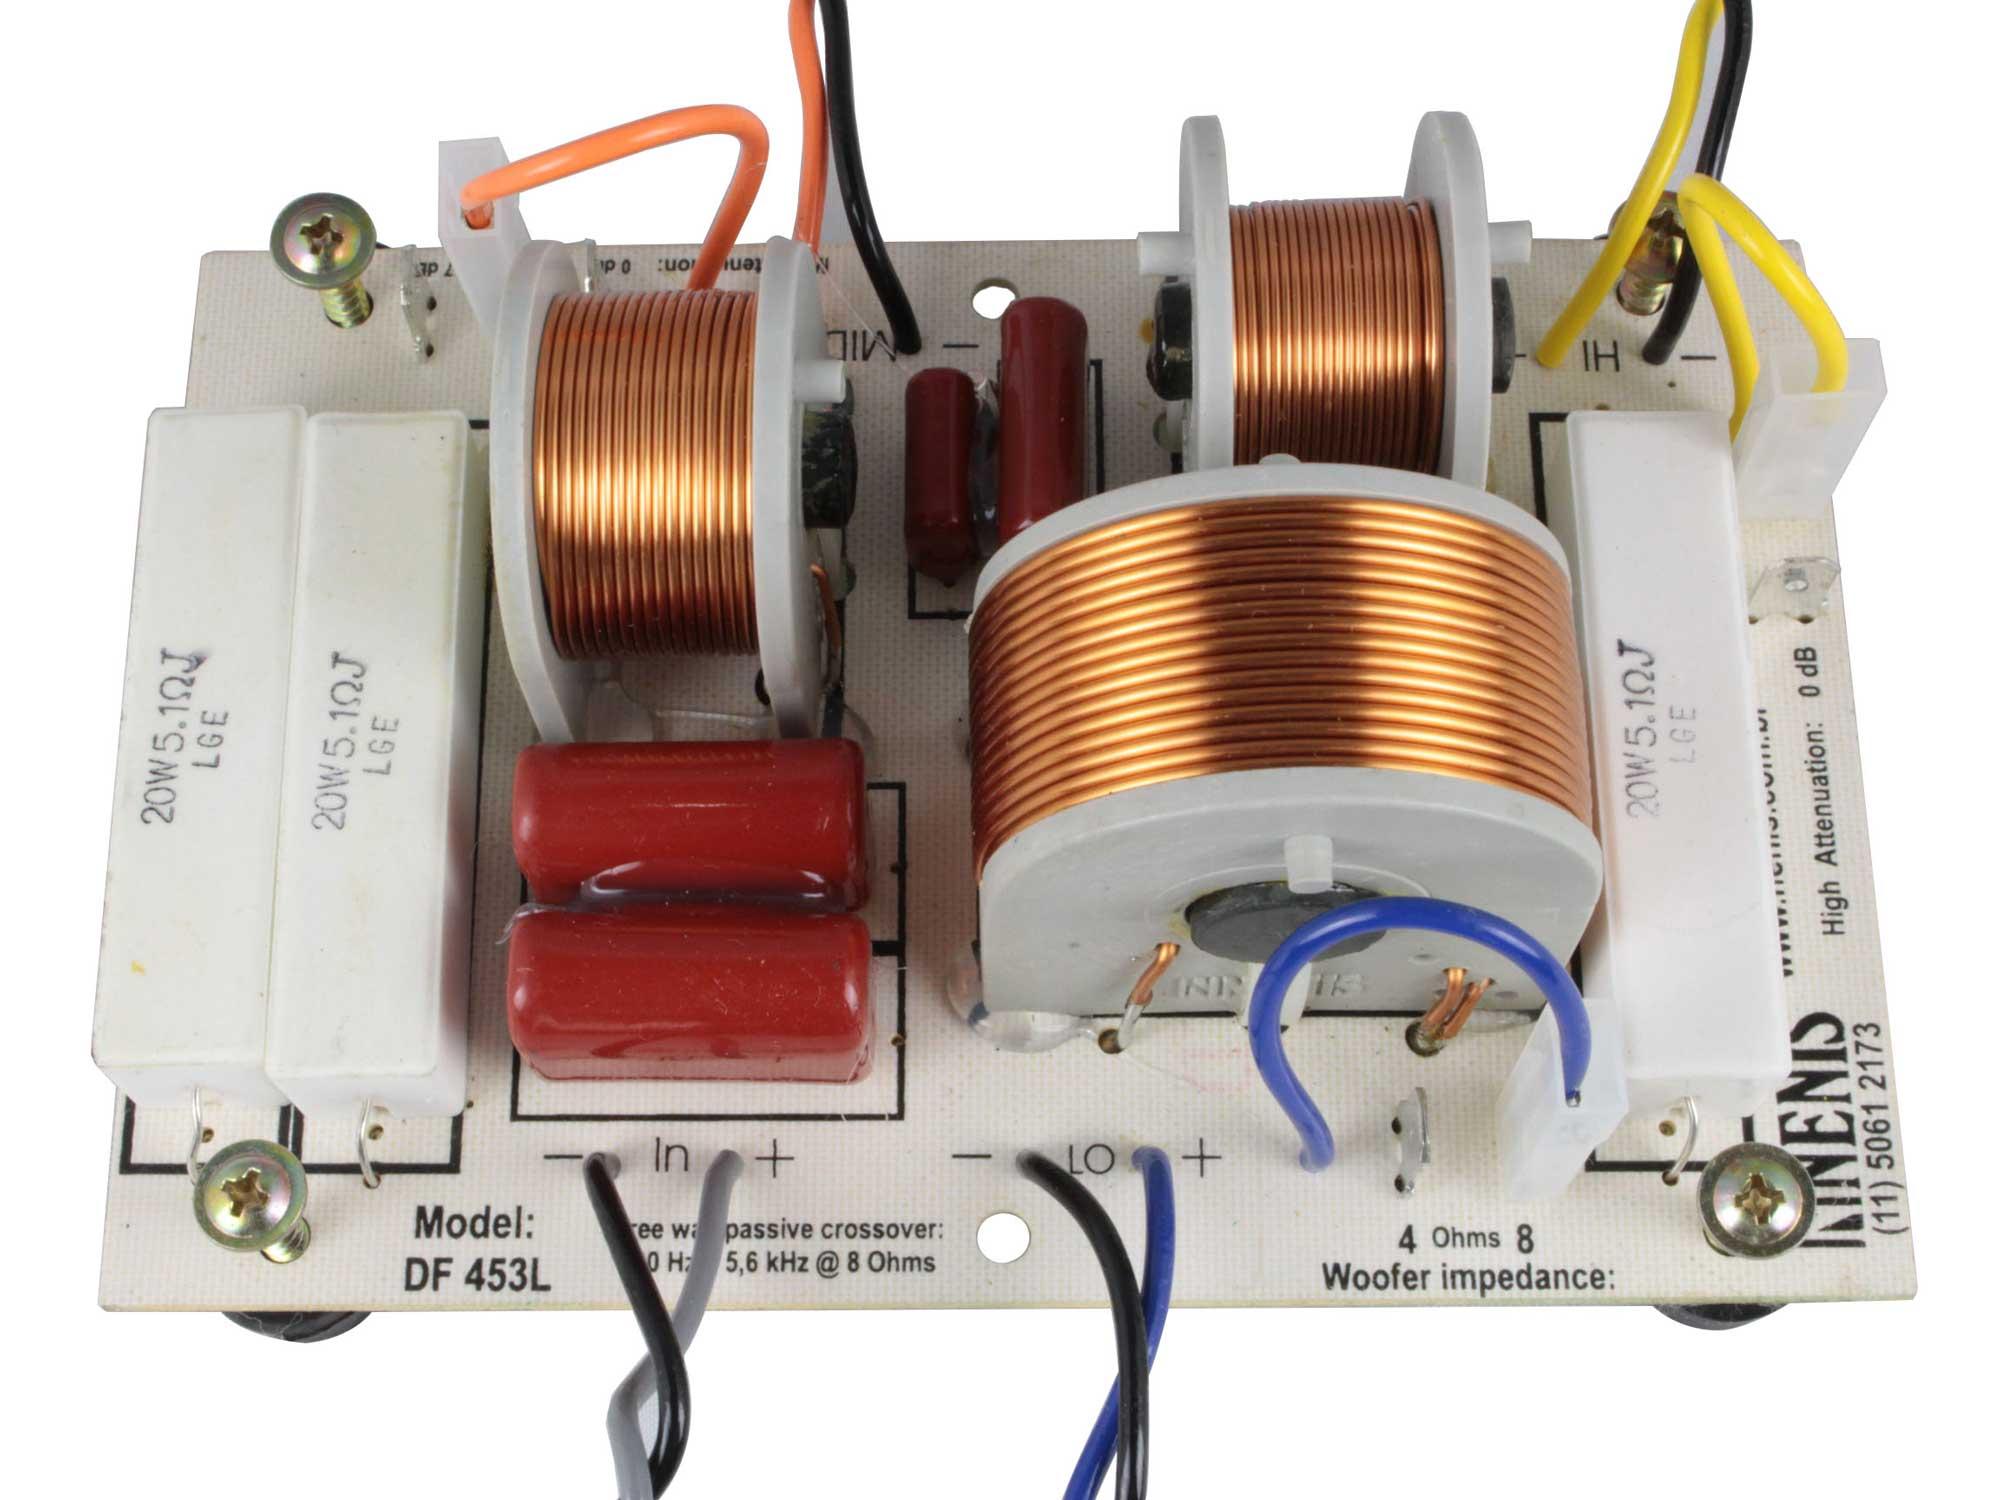 Divisor de Frequência 3 vias Passivo | 1 ou 2 Alto-falantes de grave, 1 Alto-falante de médio e 1 Tweeter de até 450W RMS | DF453L | Nenis